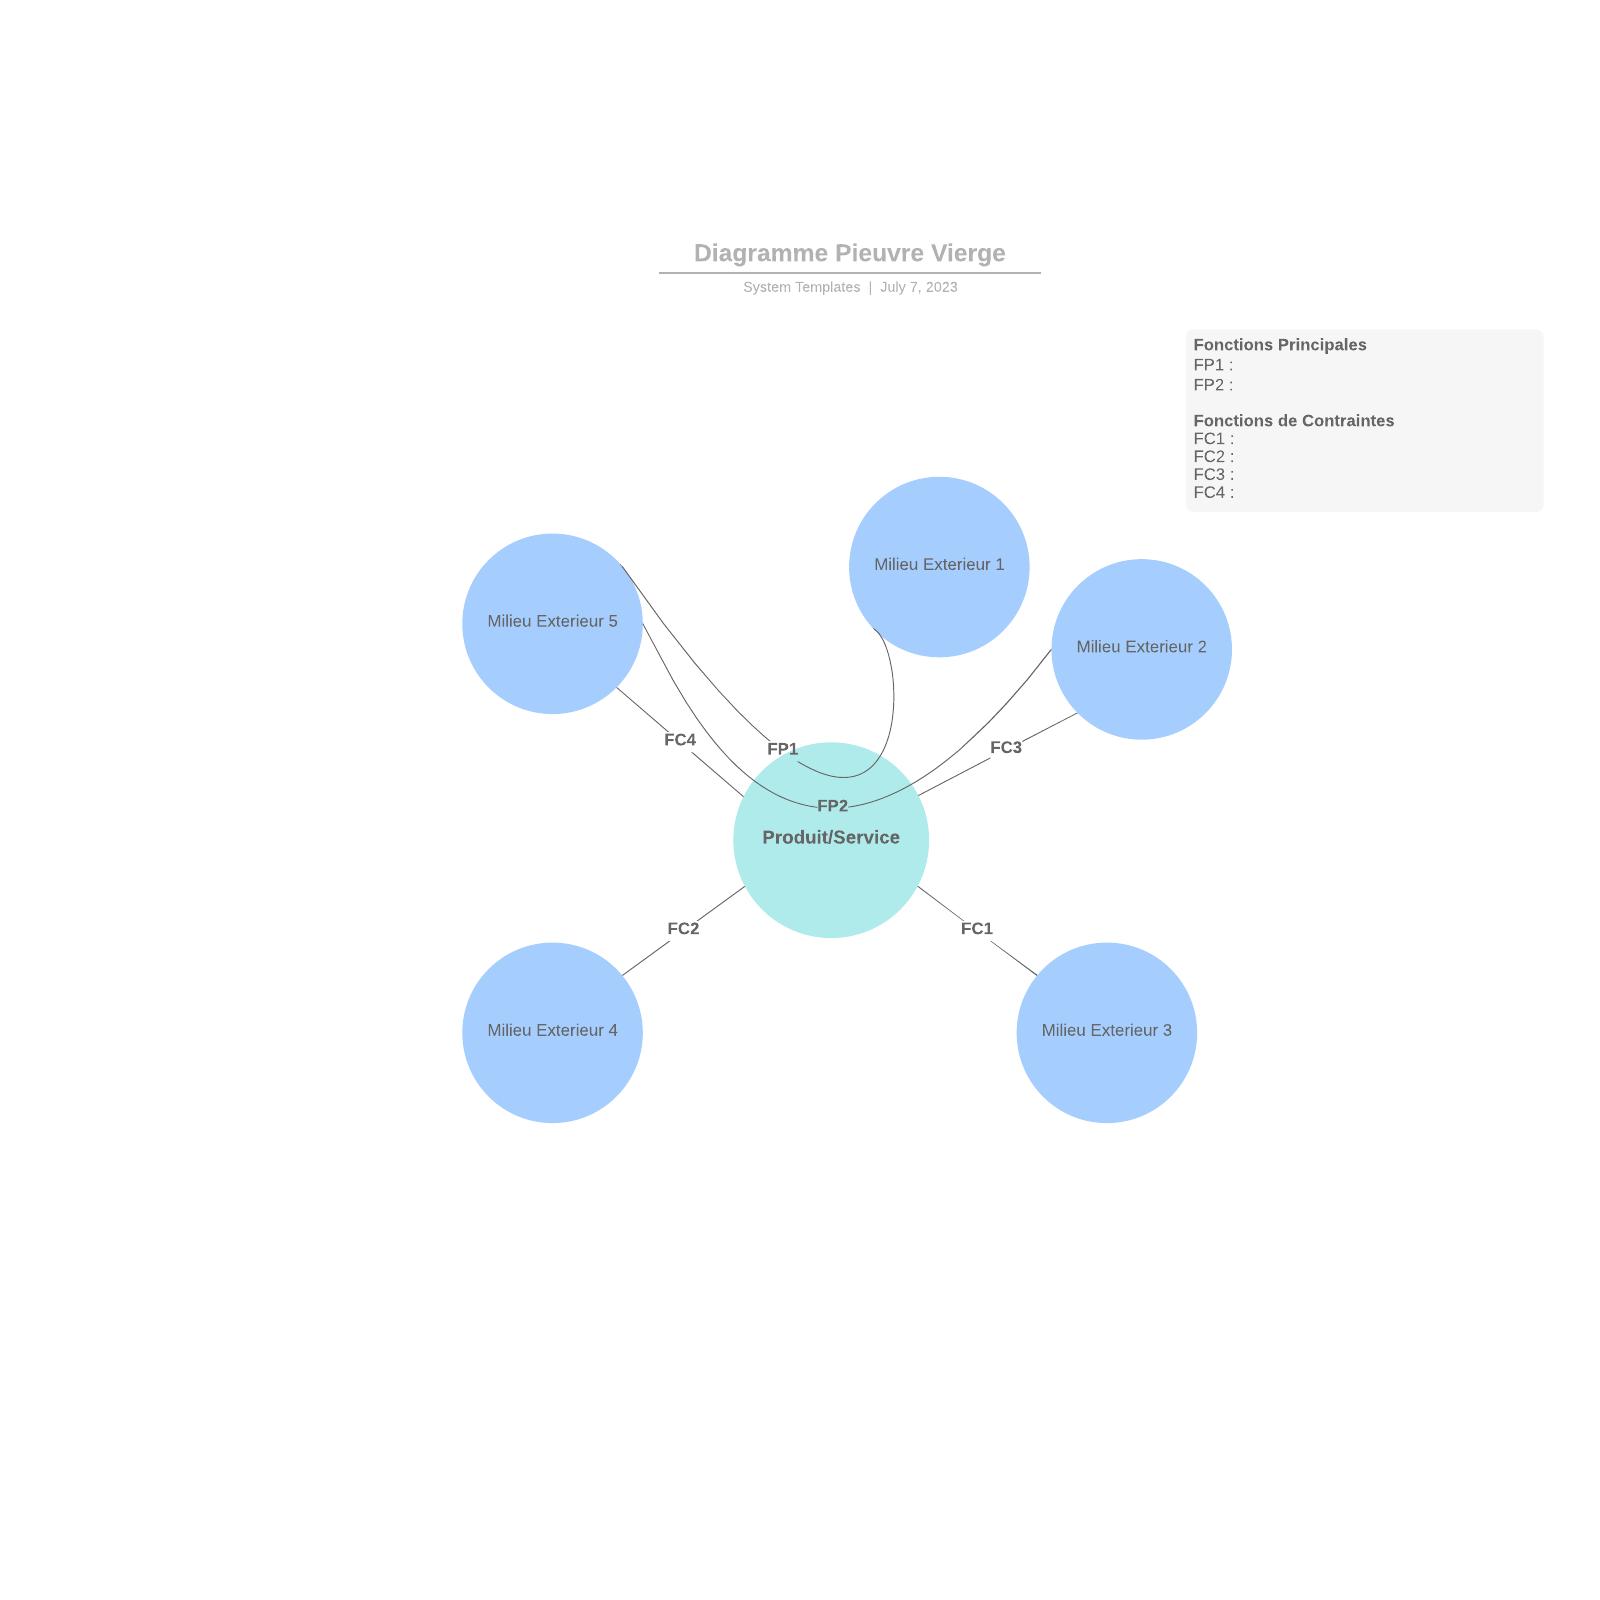 exemple de diagramme pieuvre vierge